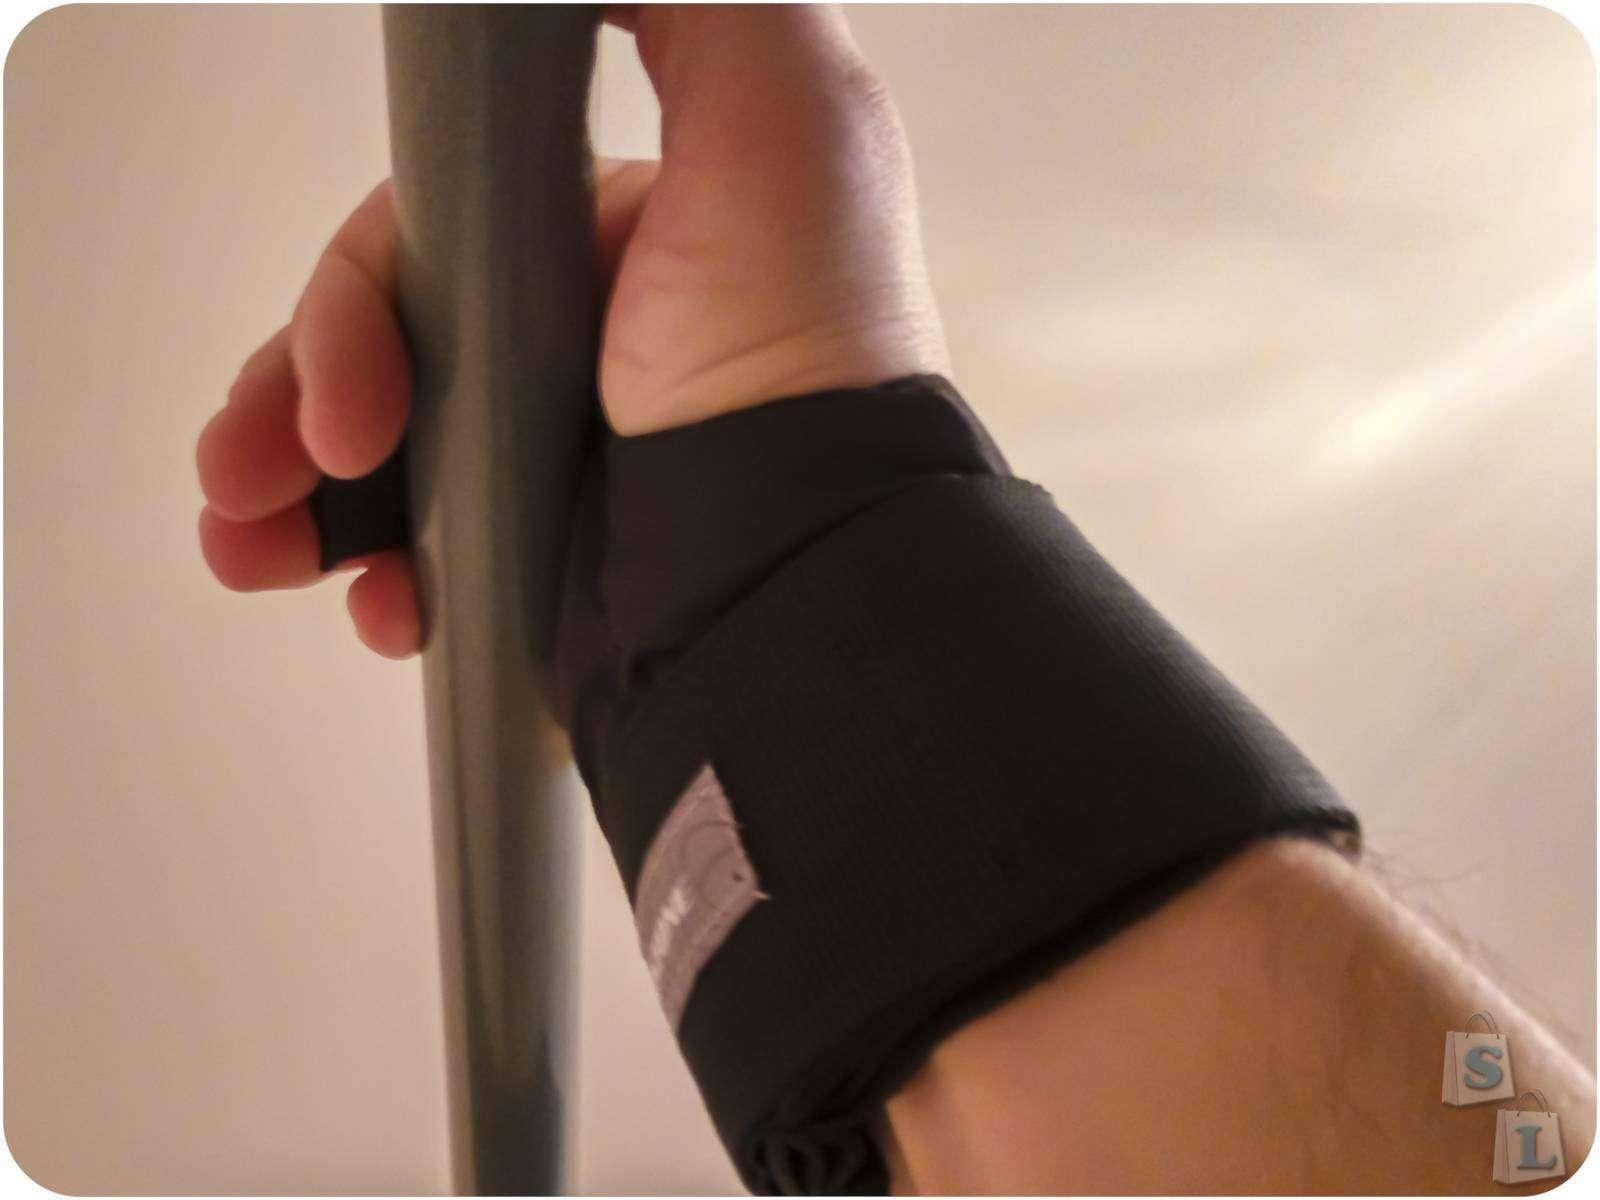 Aliexpress: Крючки на запястья для занятий спортом